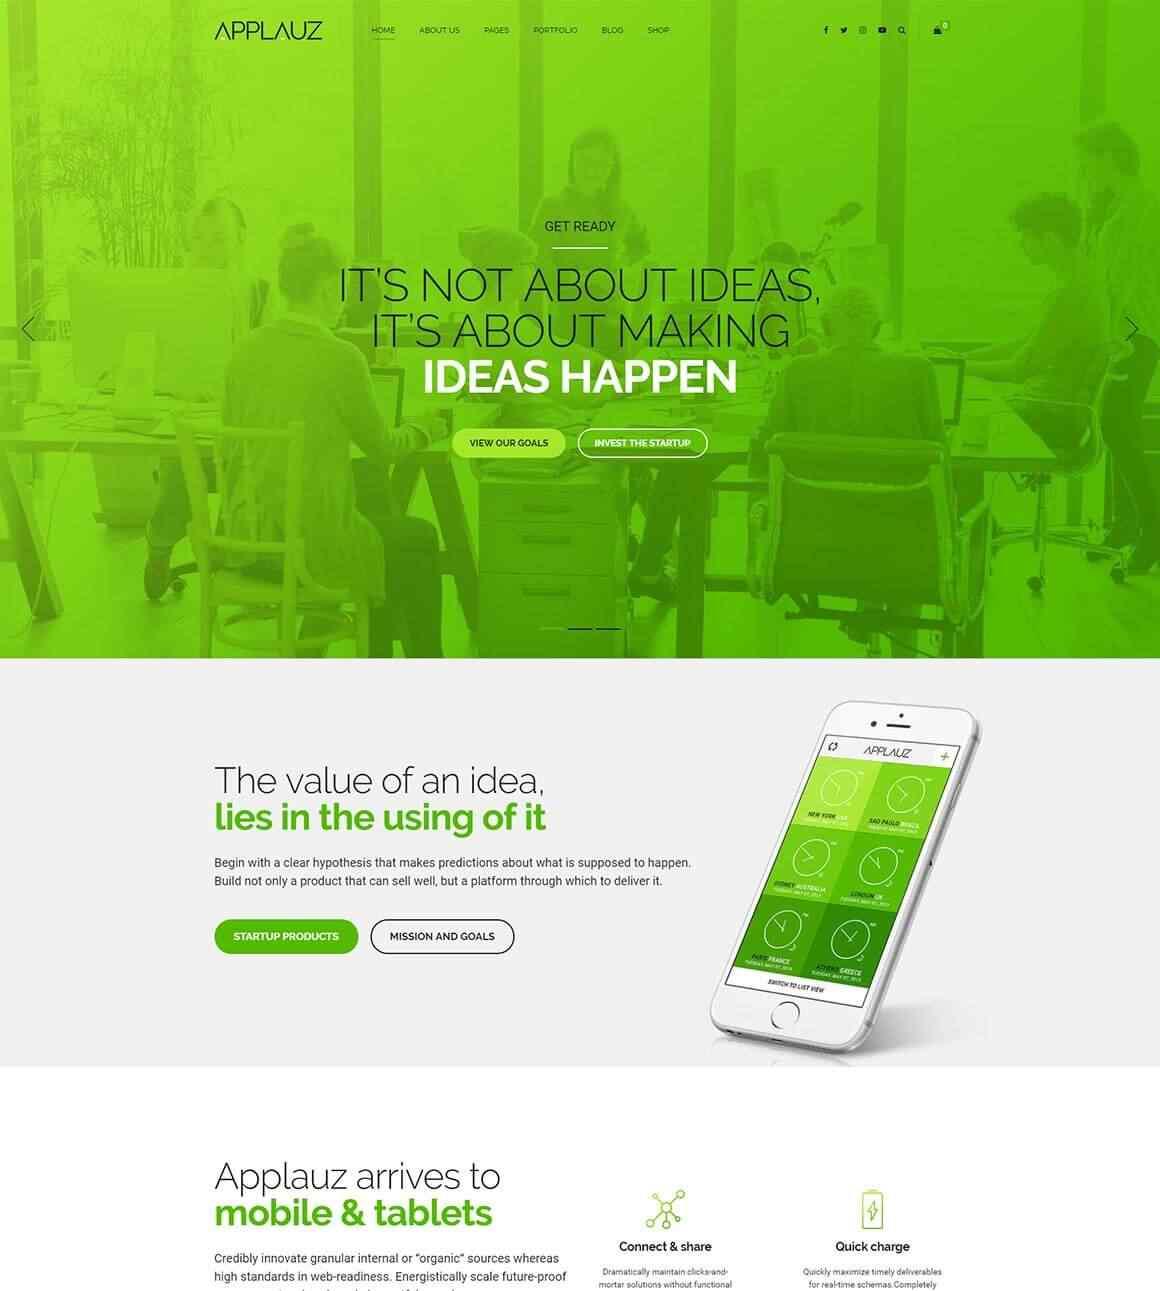 http://www.sengex.com/wp-content/uploads/2017/11/Screenshot-Startup.jpg